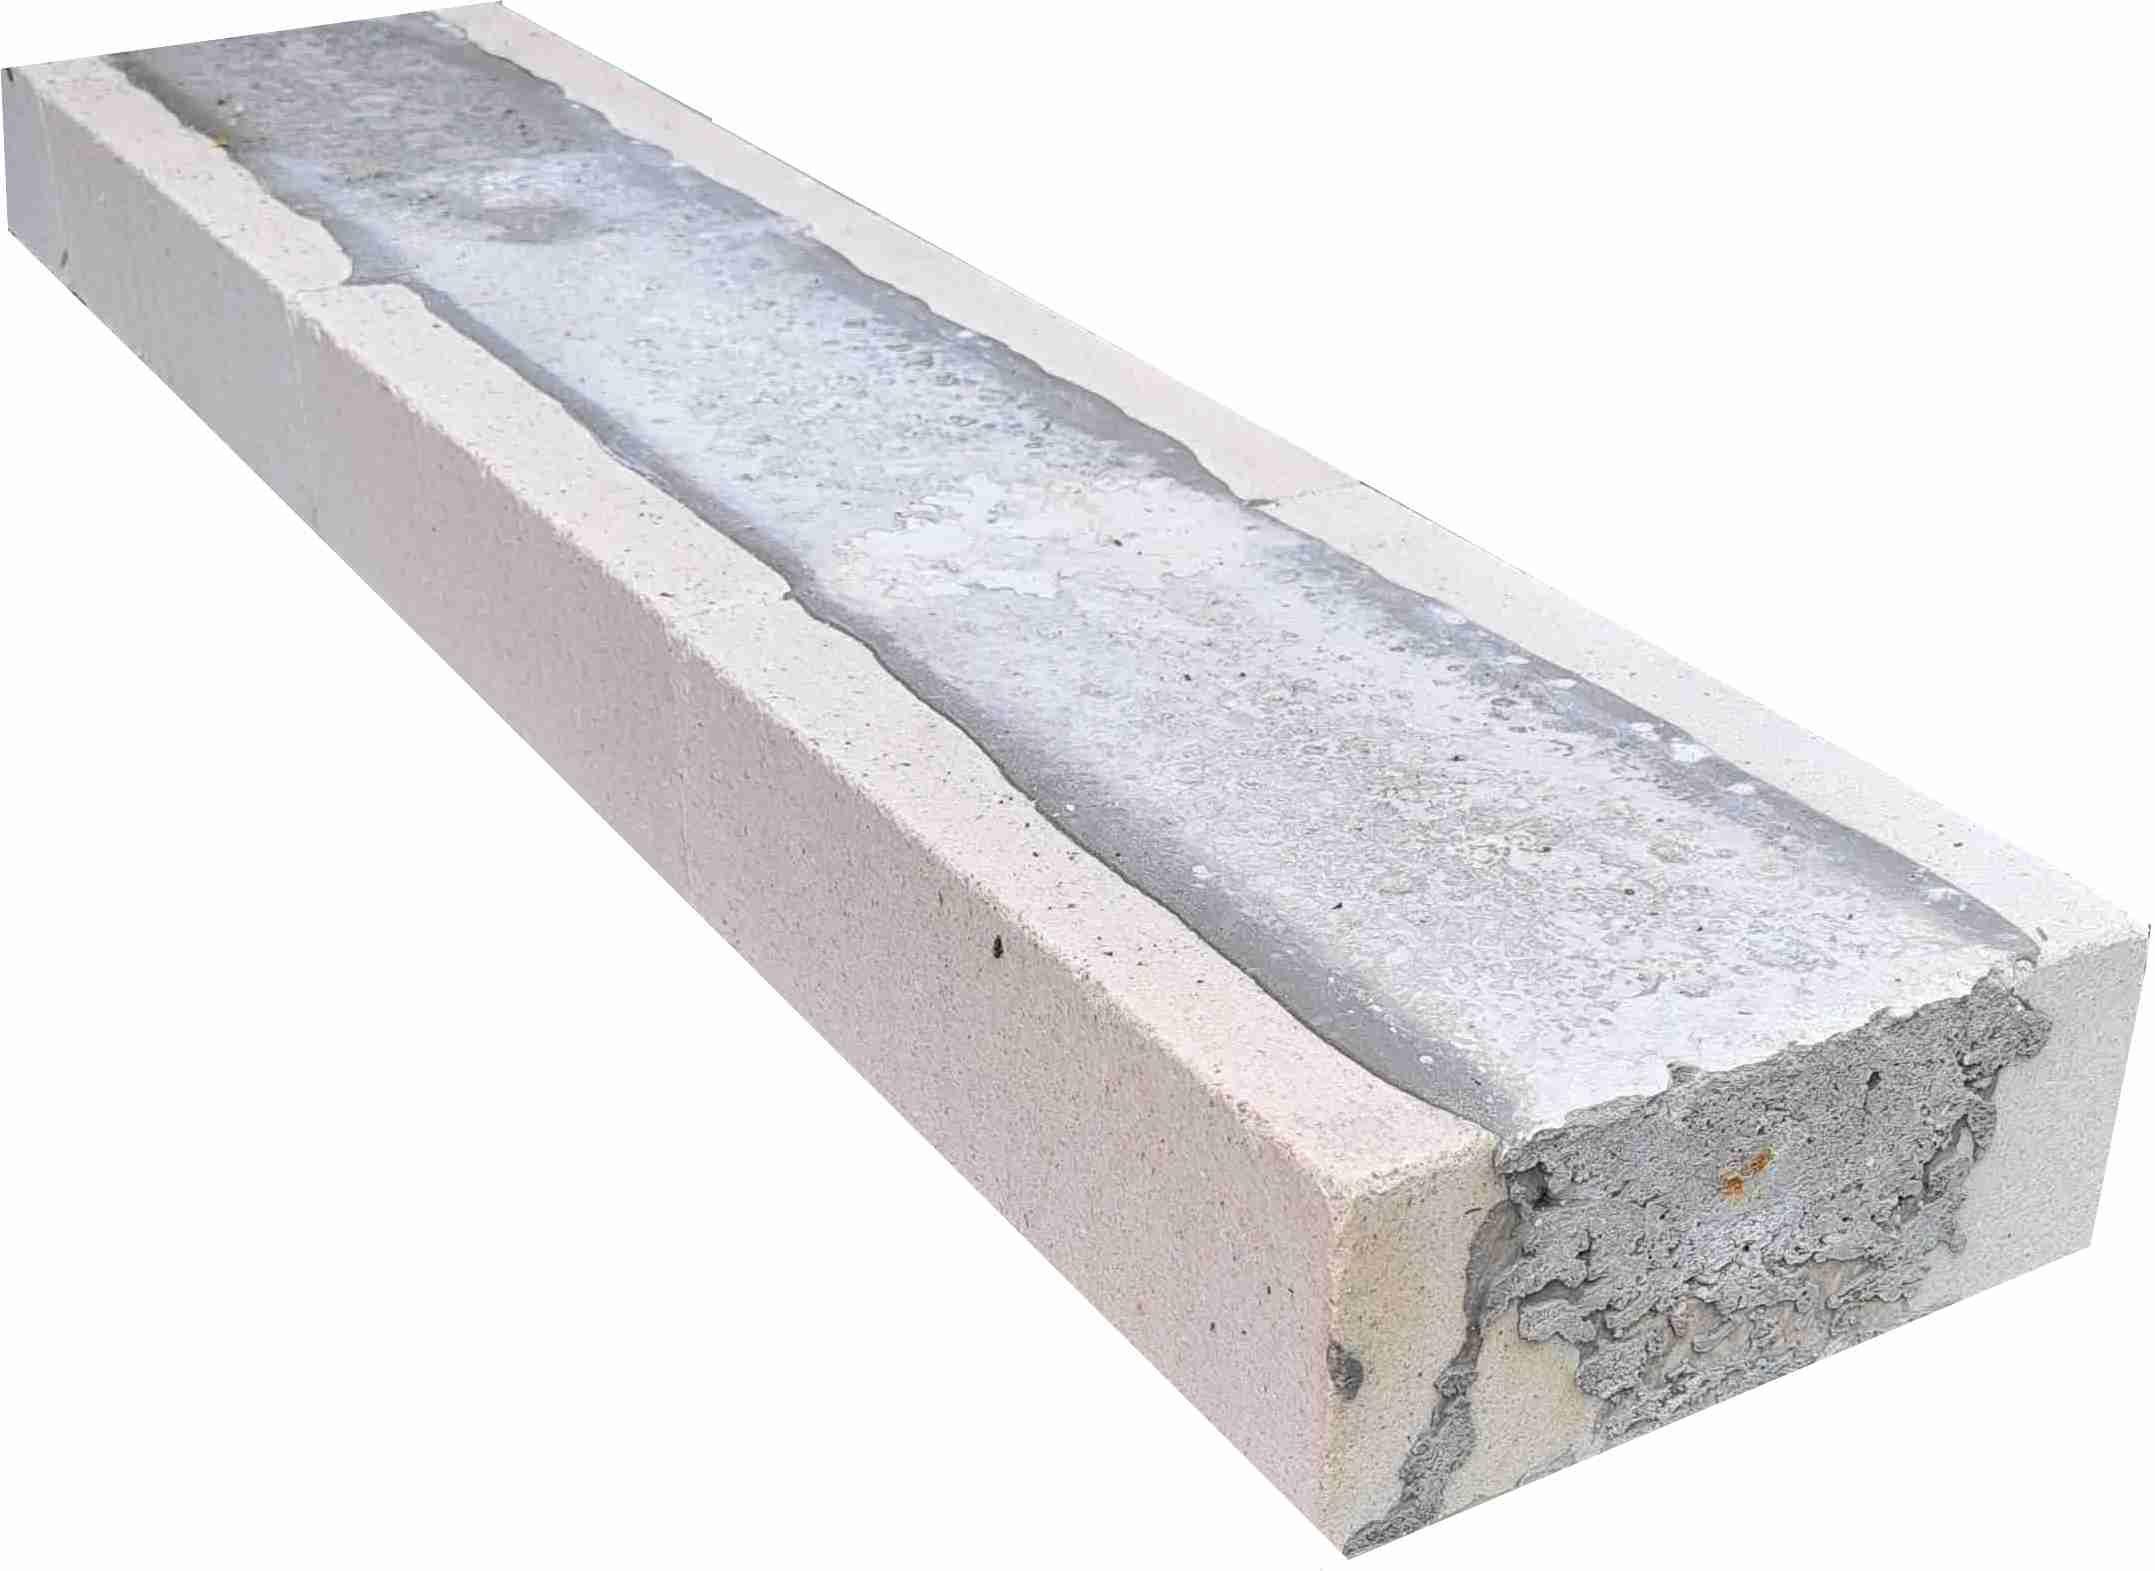 Kalksandsteinstürze NF 7,1 x 17,5 cm 2,00 m